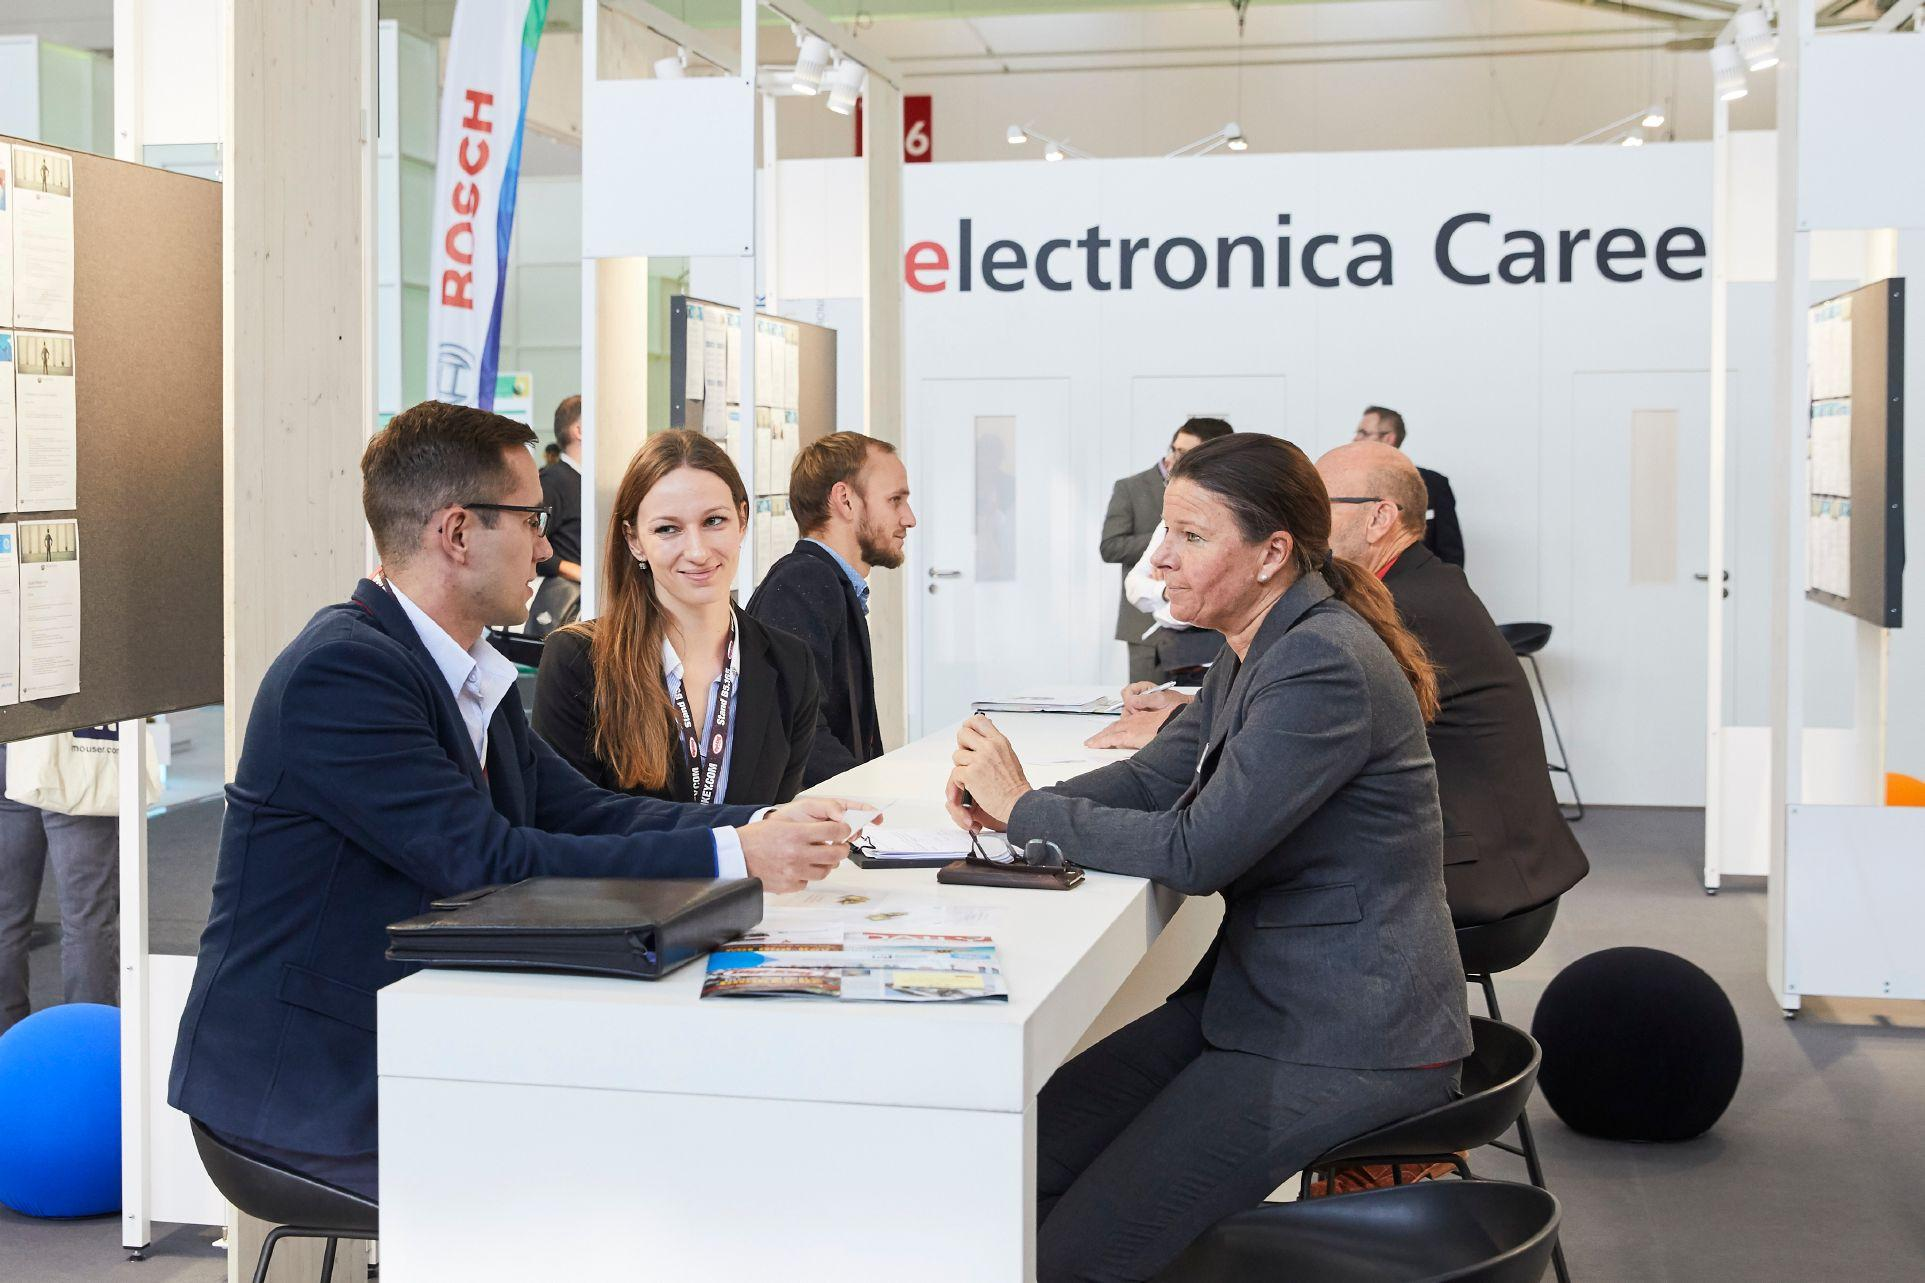 독일 뮌헨 국제 전자부품 박람회(electronica)에서 독일 진출할 때 필요한 독일 내 인력 채용을 위해 활용할 수 있는 프로그램을 전시 기간 동안 운영합니다.